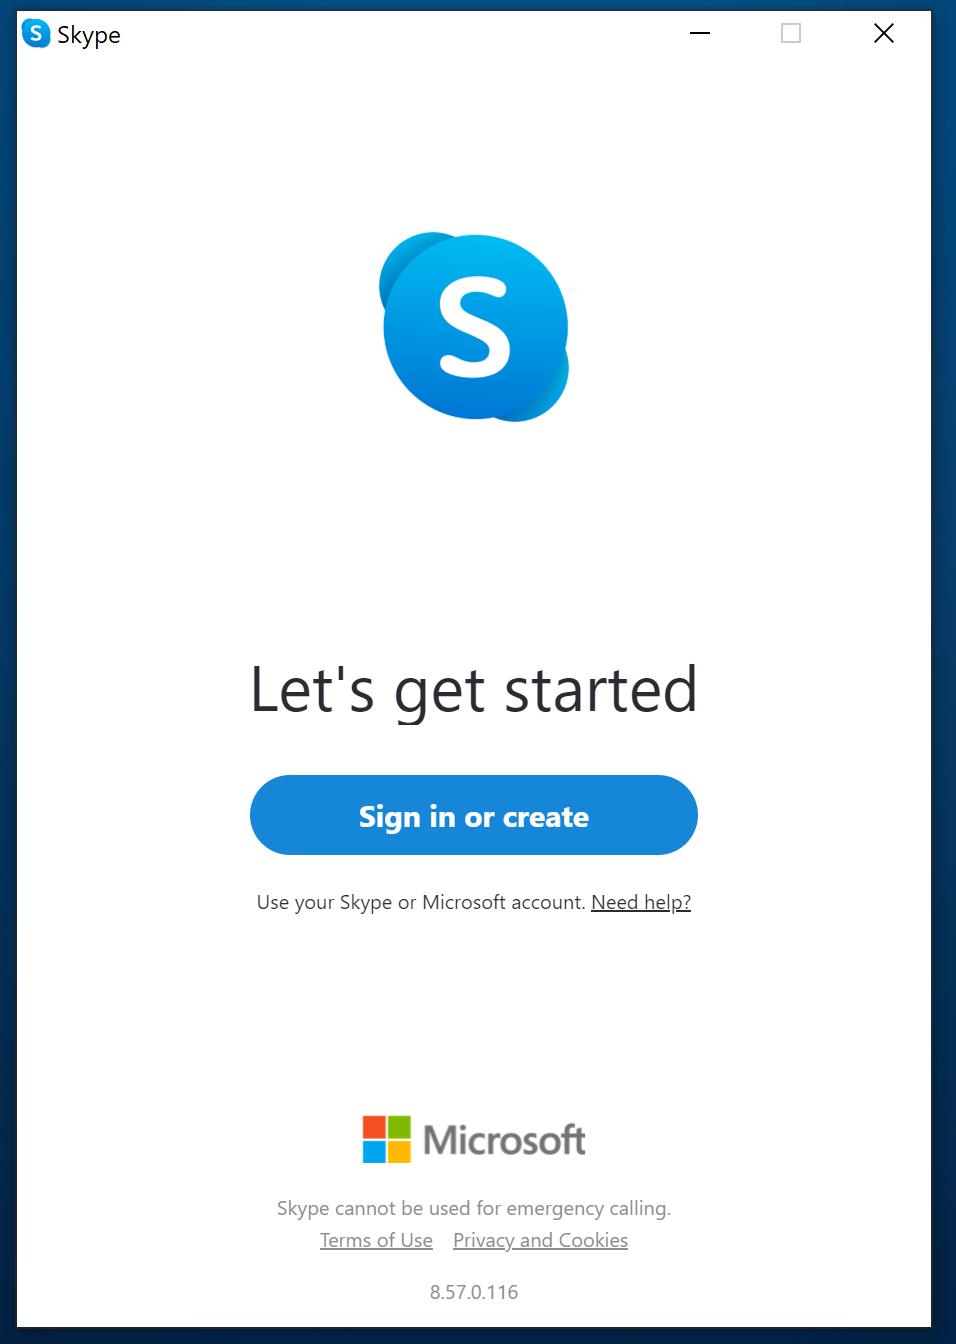 Skype - get started